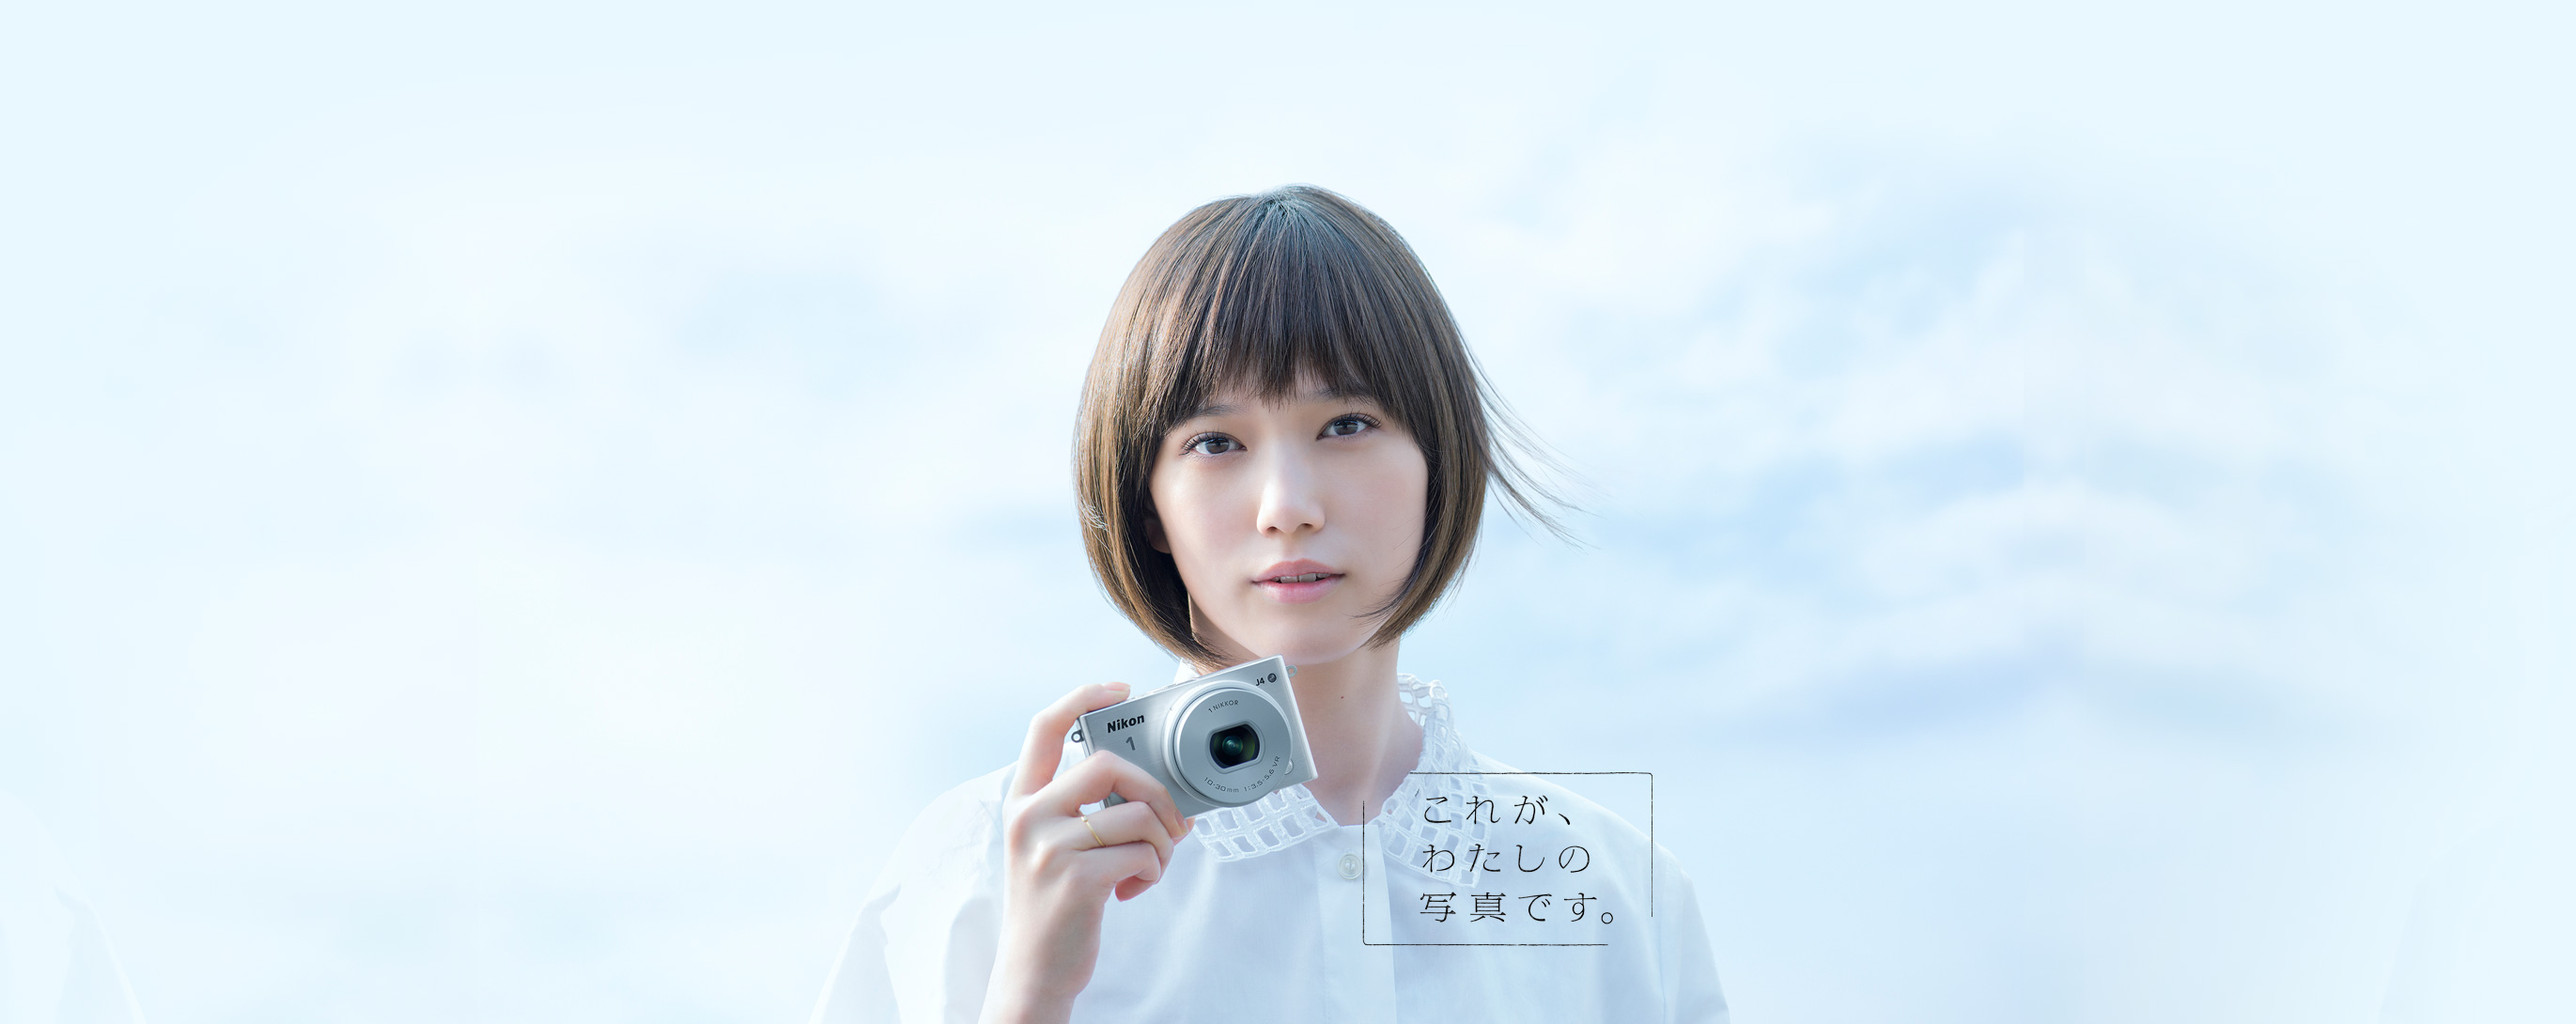 本田翼 Honda Tsubasa Nikon Images 5